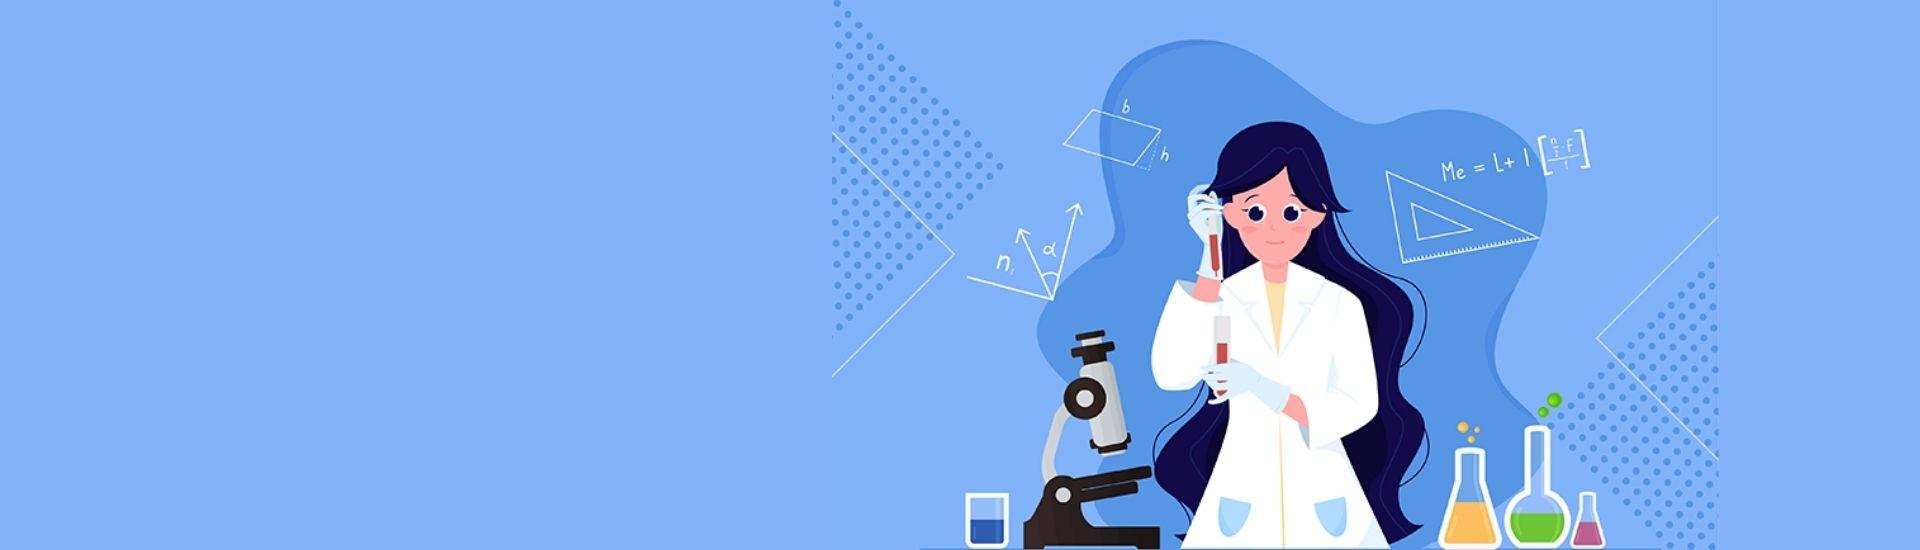 Ilustración de una niña experimentando en un laboratorio con distintas reacciones químicas, muy interesada en la ciencia